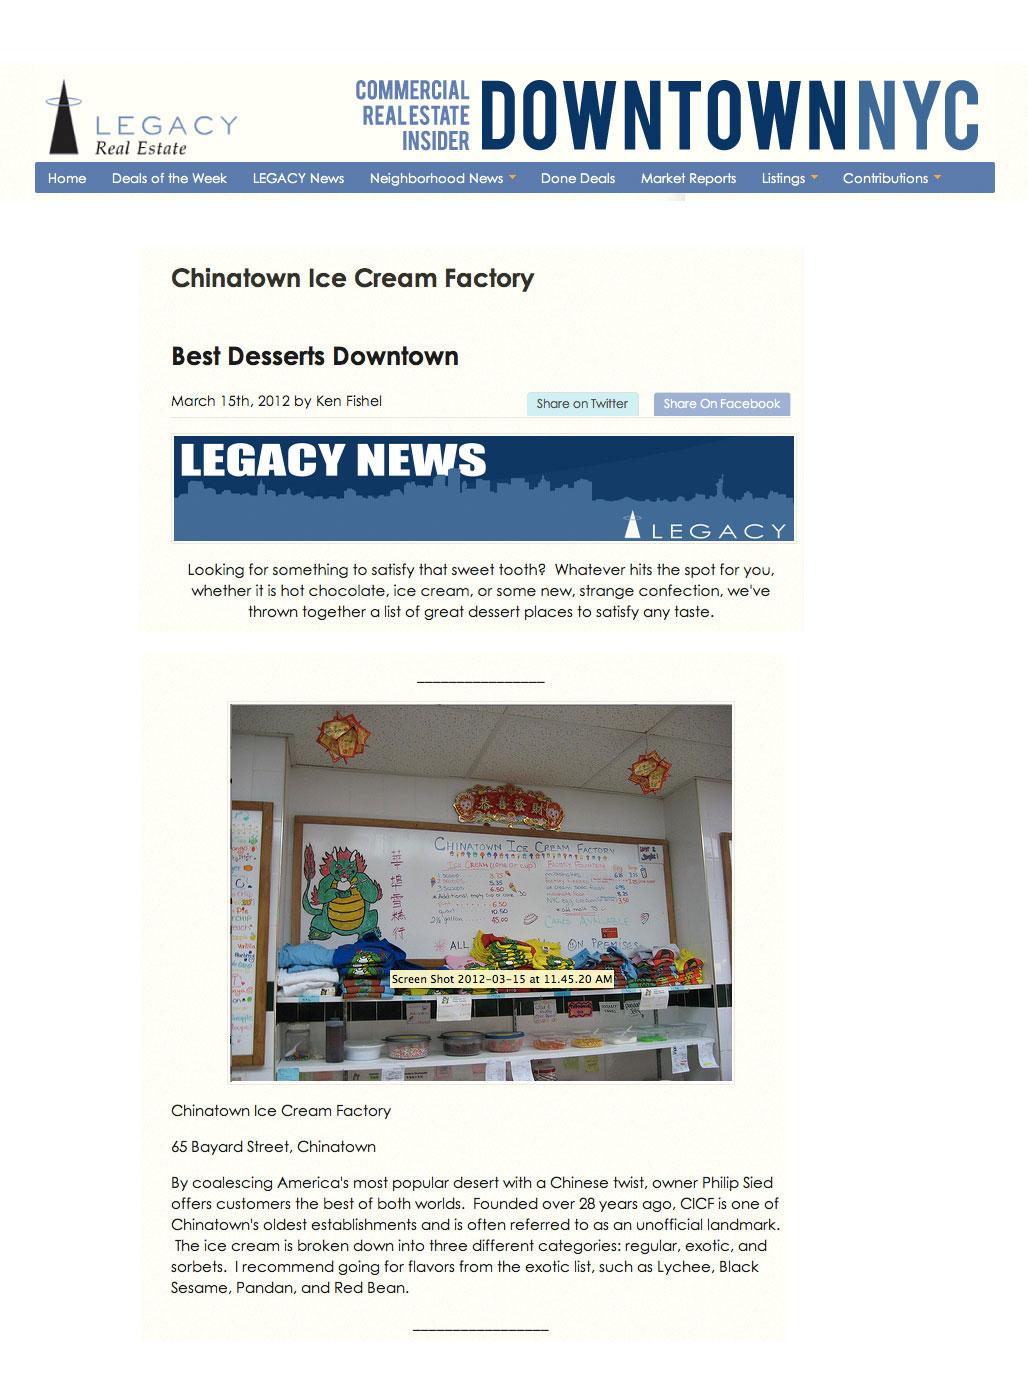 press_2012-03-15_press_legacyny.jpg